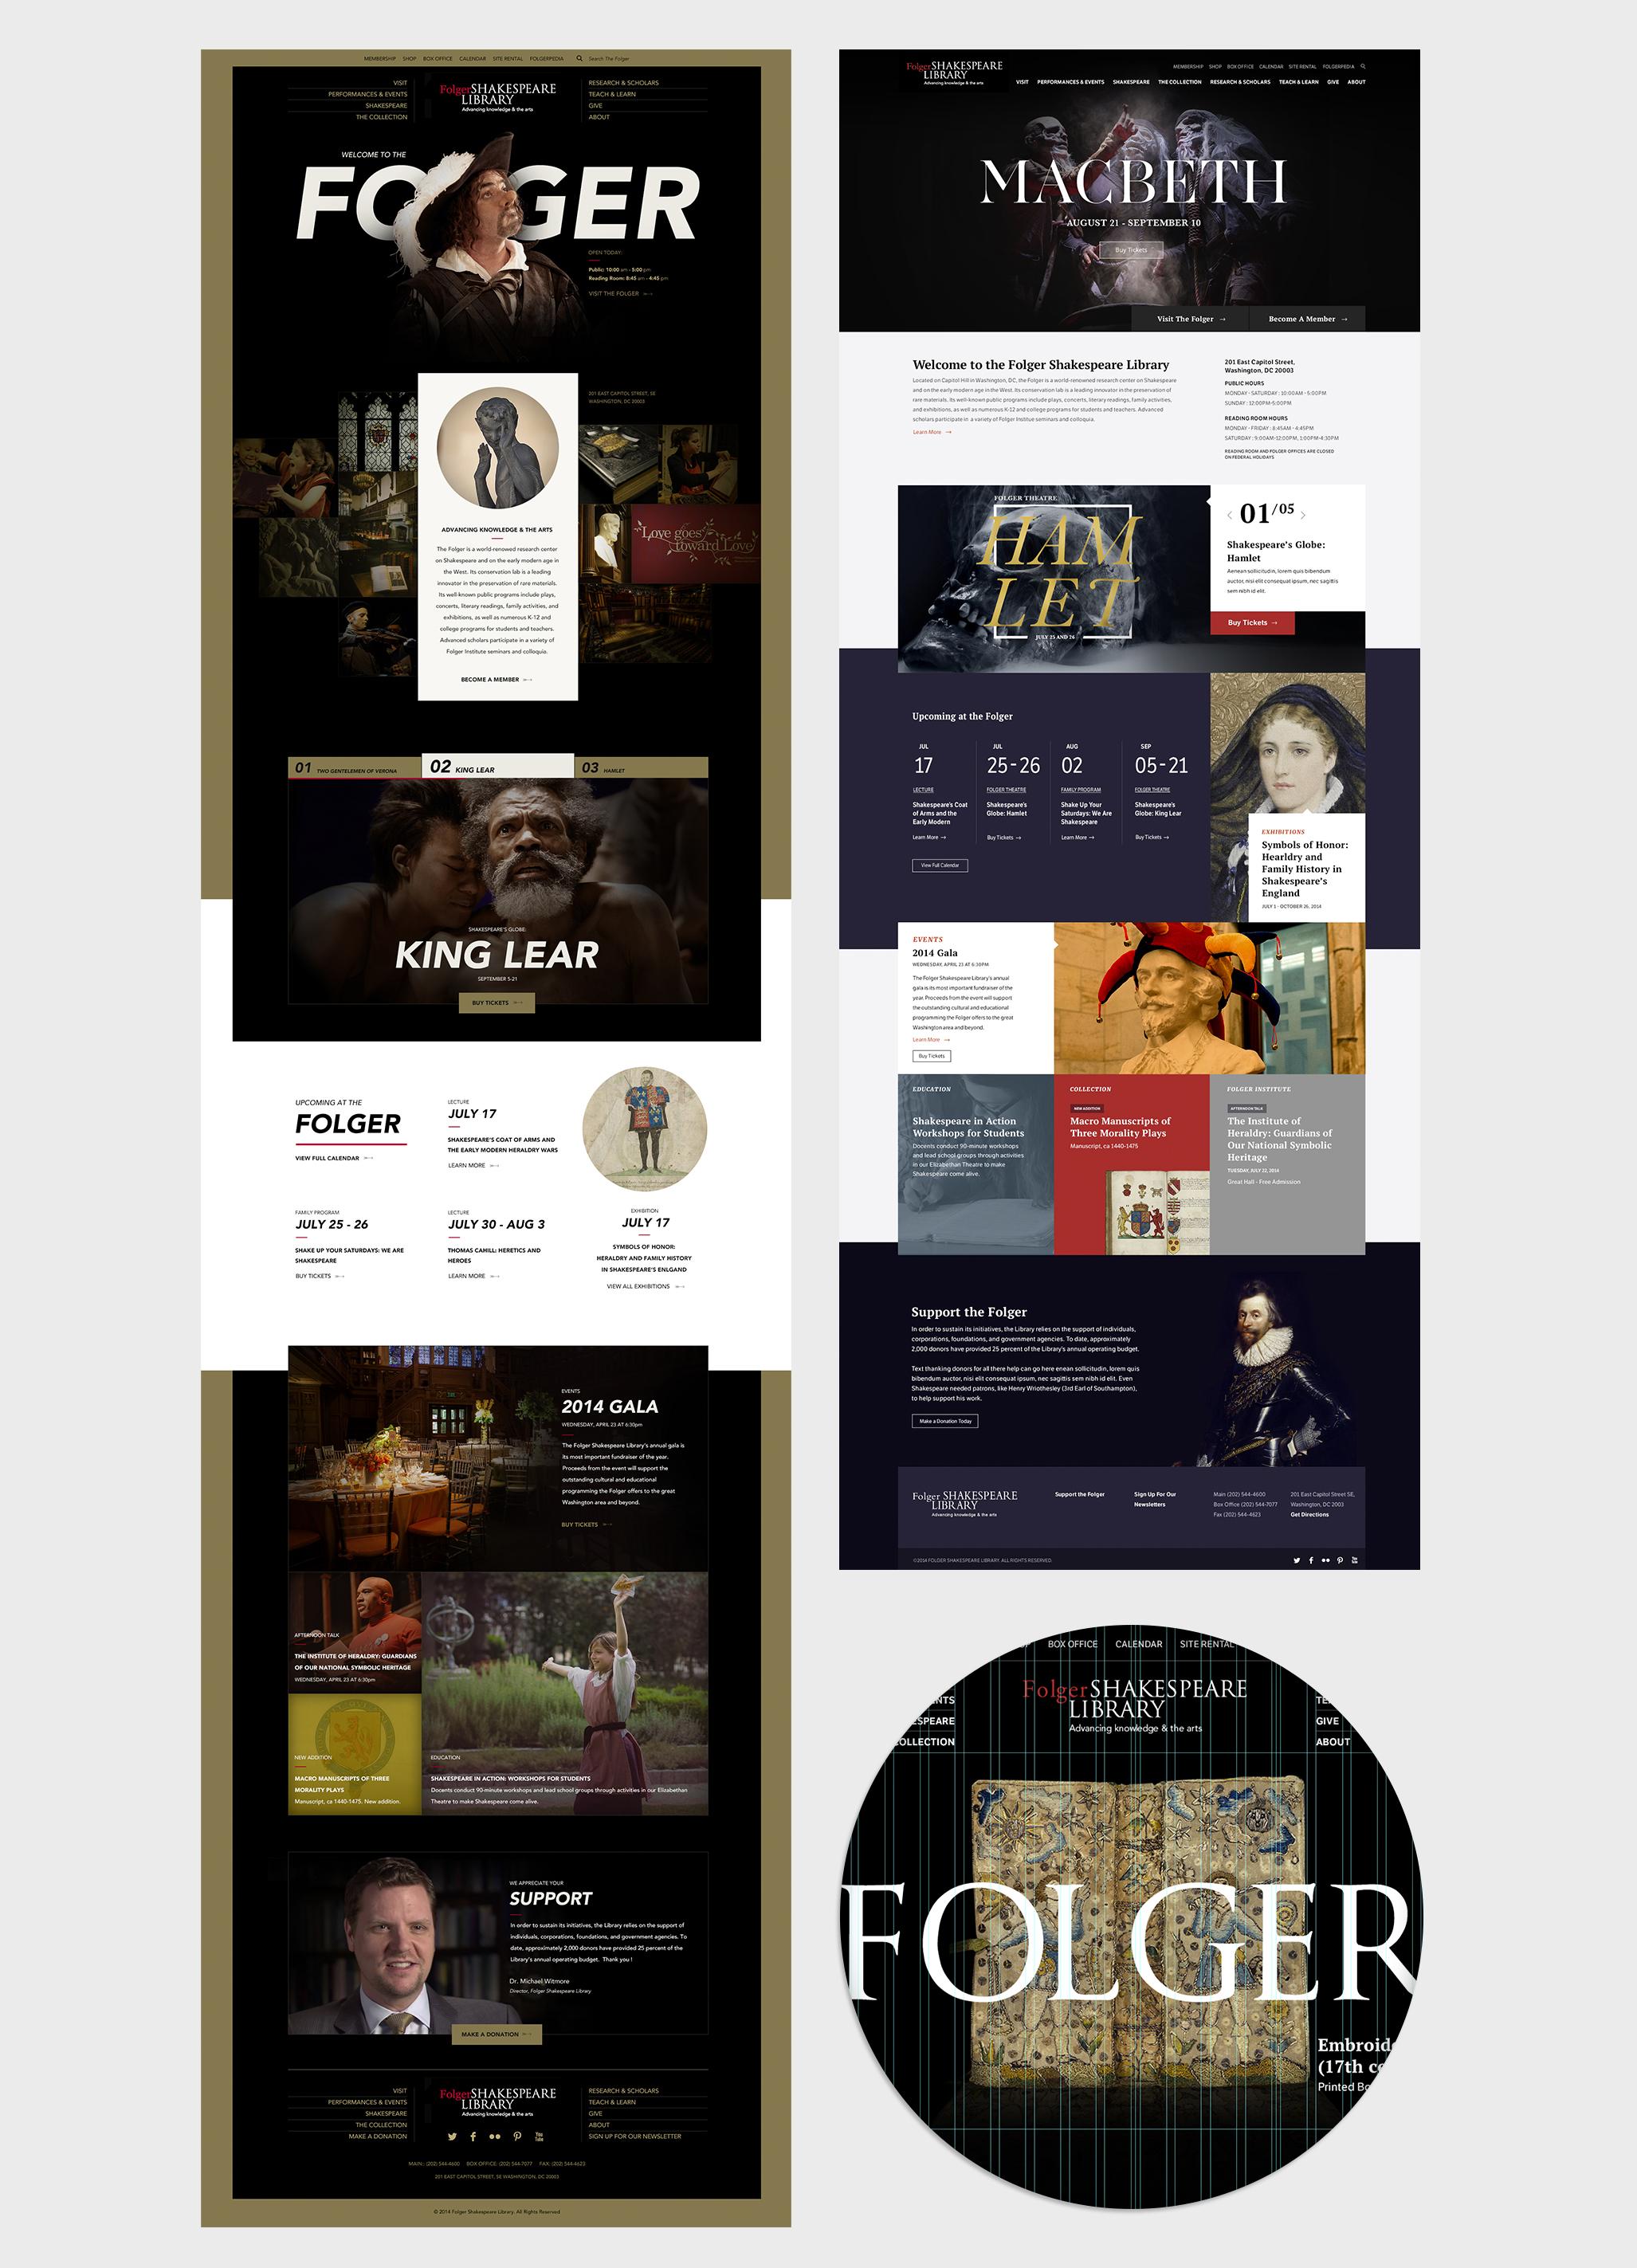 Folger.edu design comp details